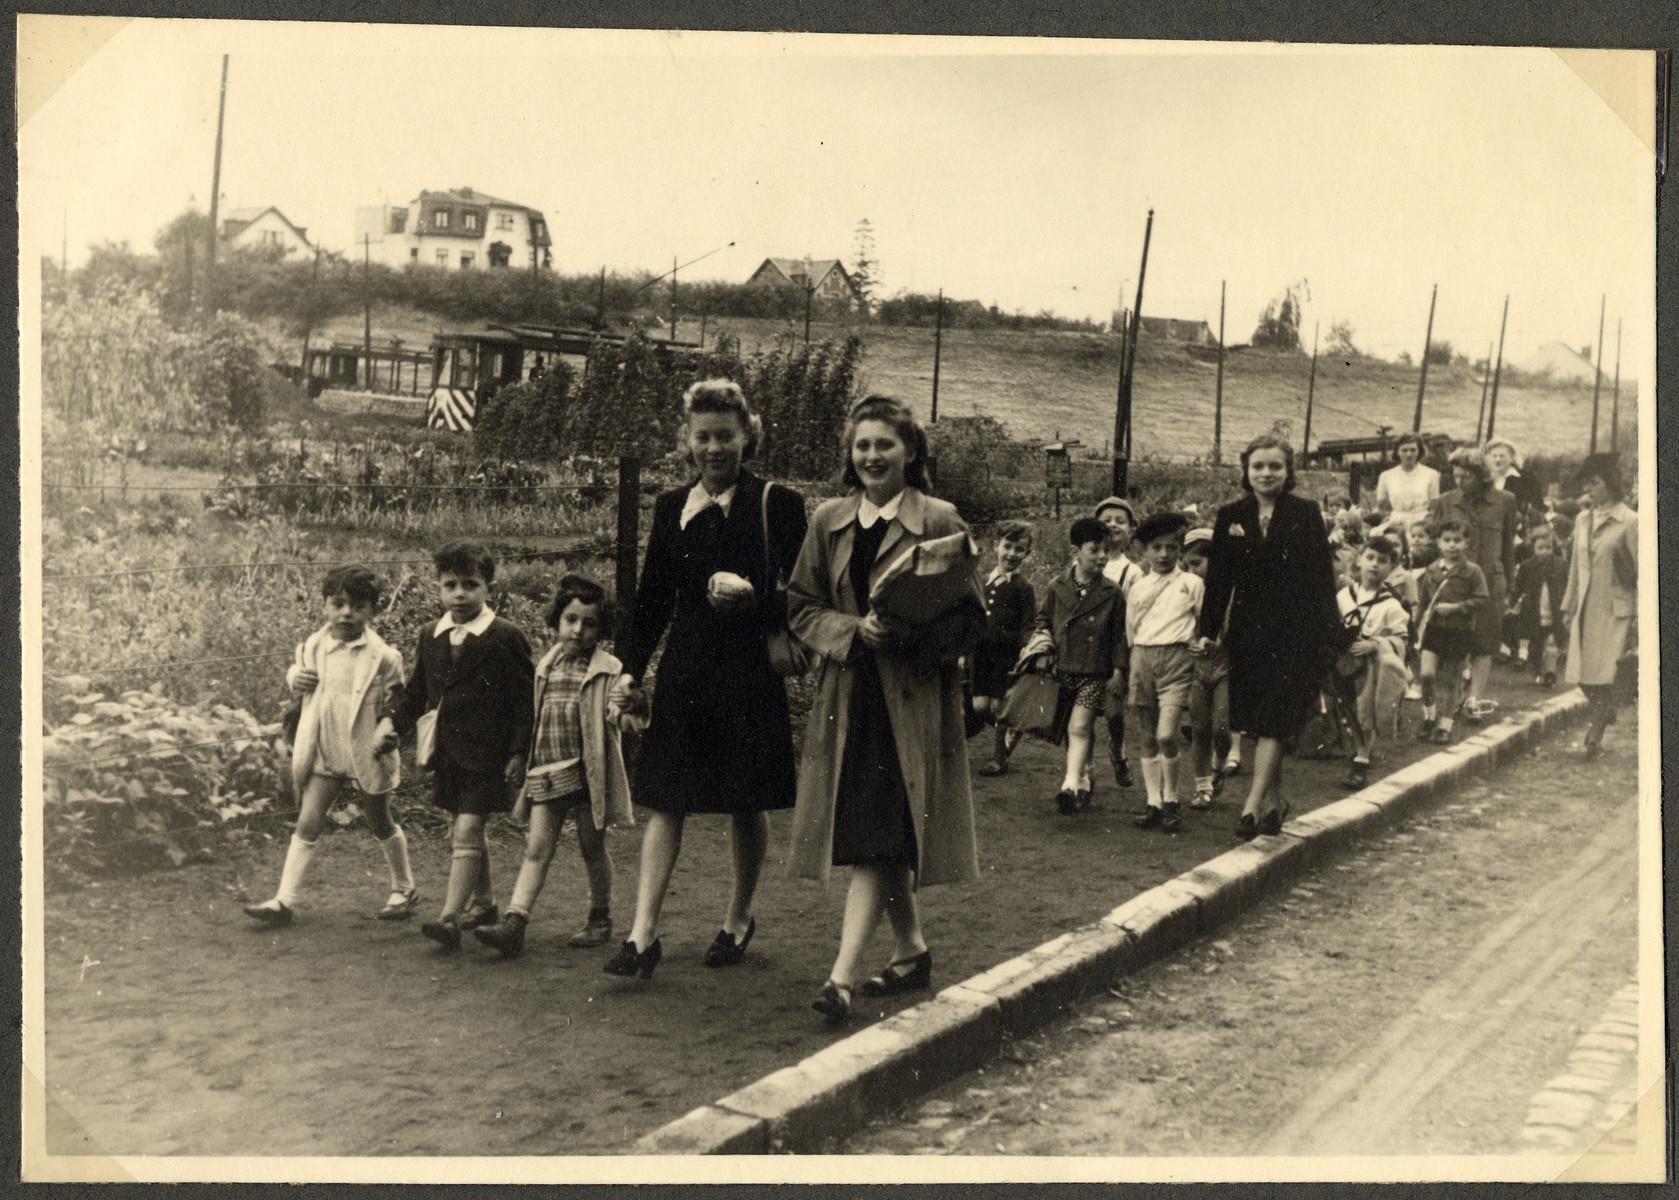 Teachers escort children from the Nos Petits Jewish kindergarten on an excursion.